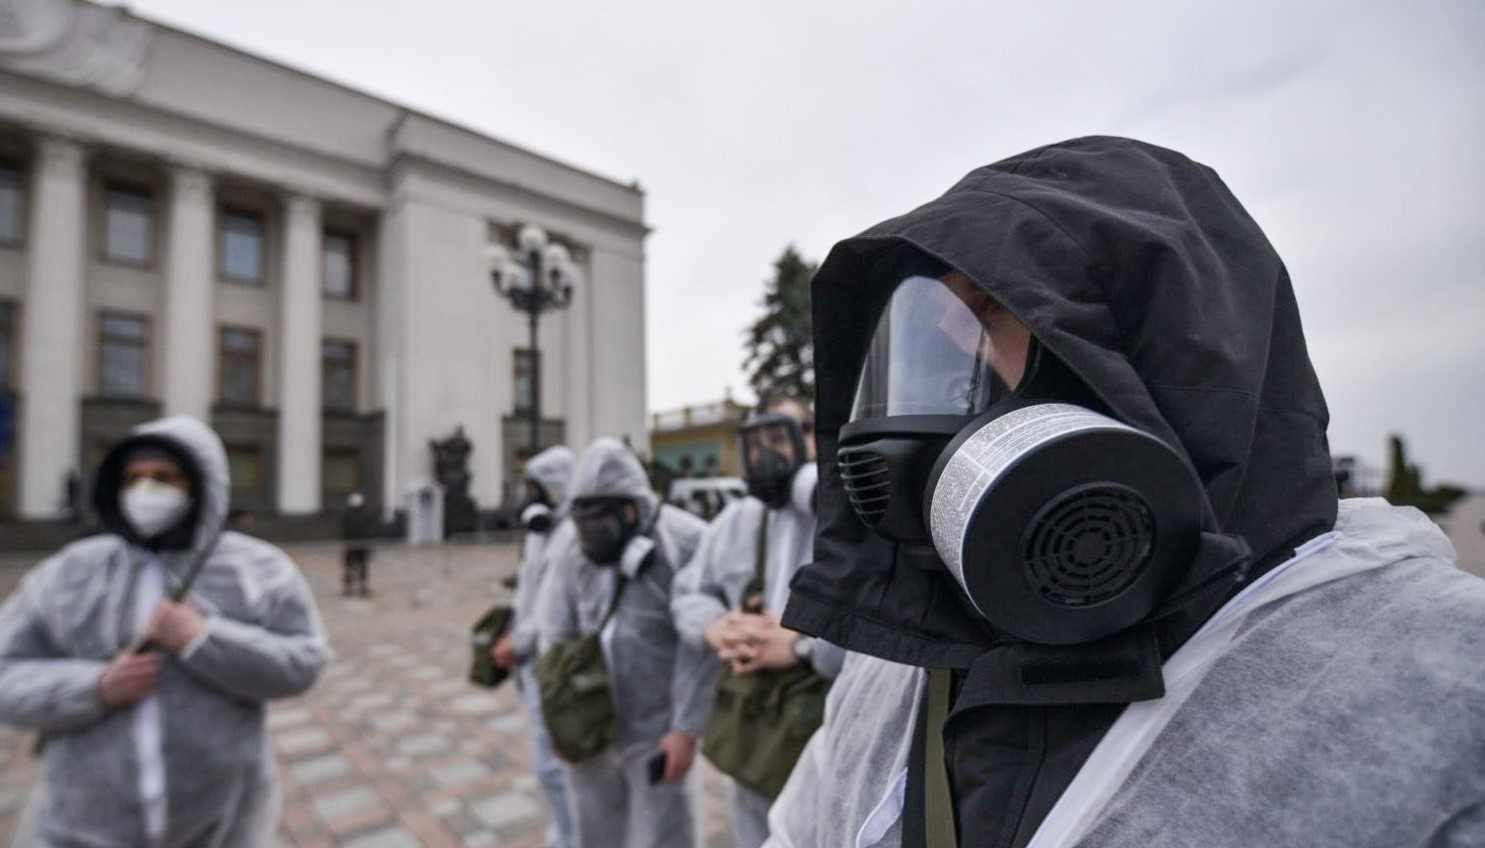 Перед заседанием Рады раздадут маски и перчатки. Думают над очками, — де...